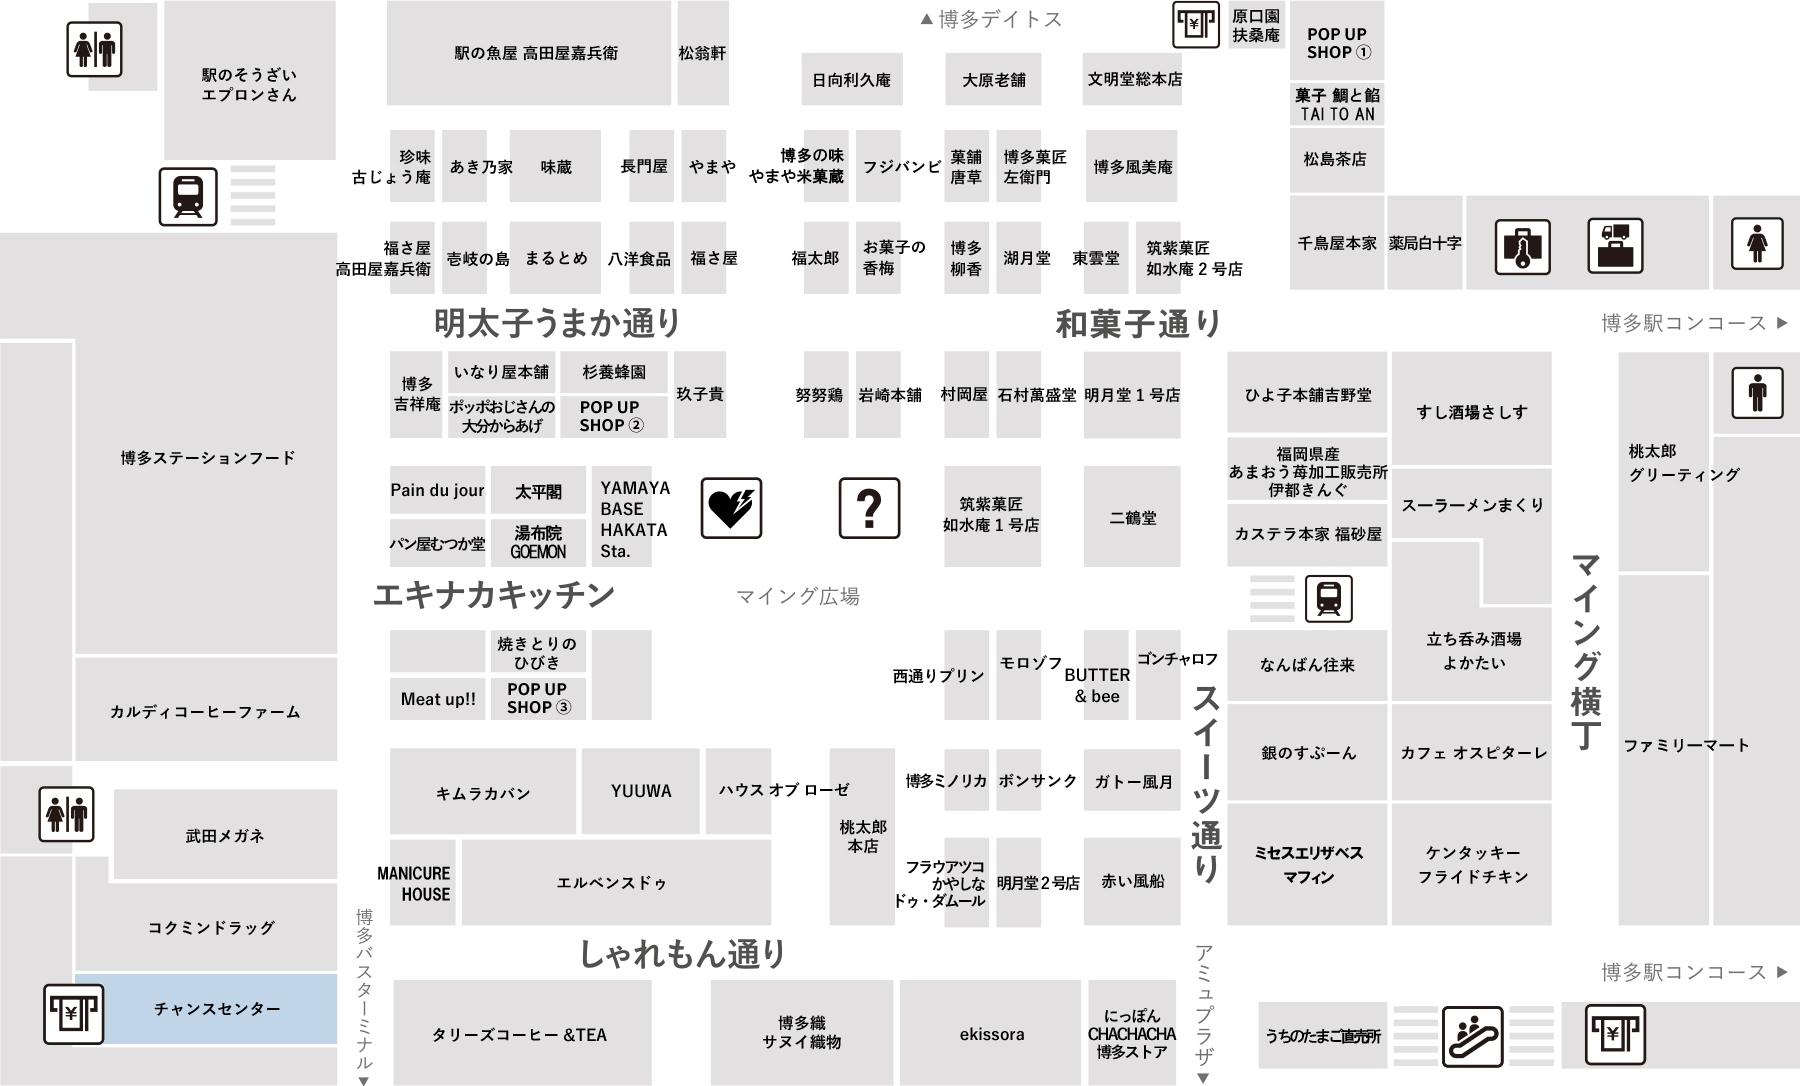 宝くじ 売り場 博多 駅